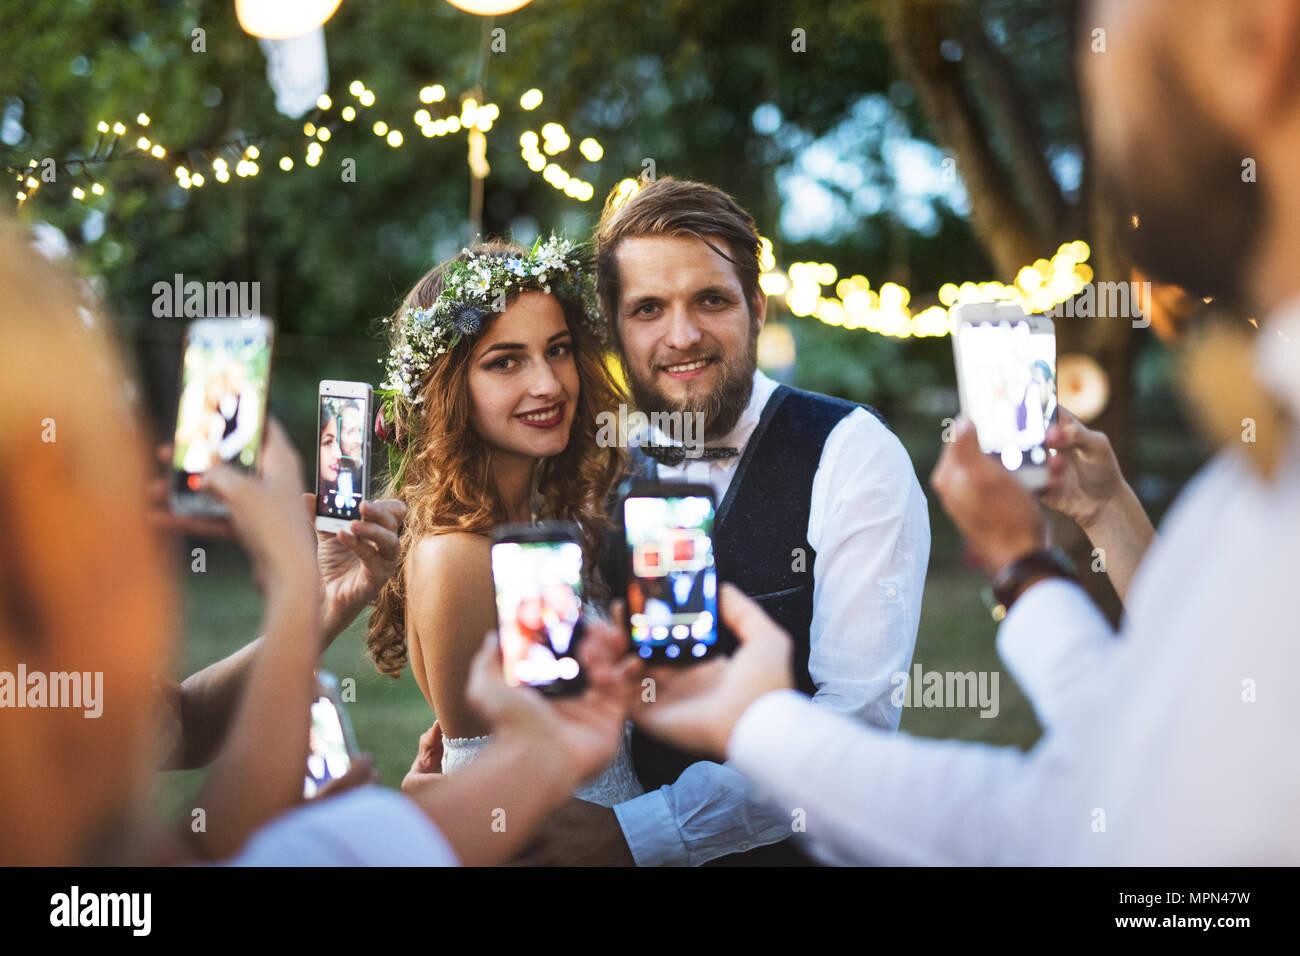 Les clients avec les smartphones de prendre photo de mariés à réception de mariage à l'extérieur. Photo Stock